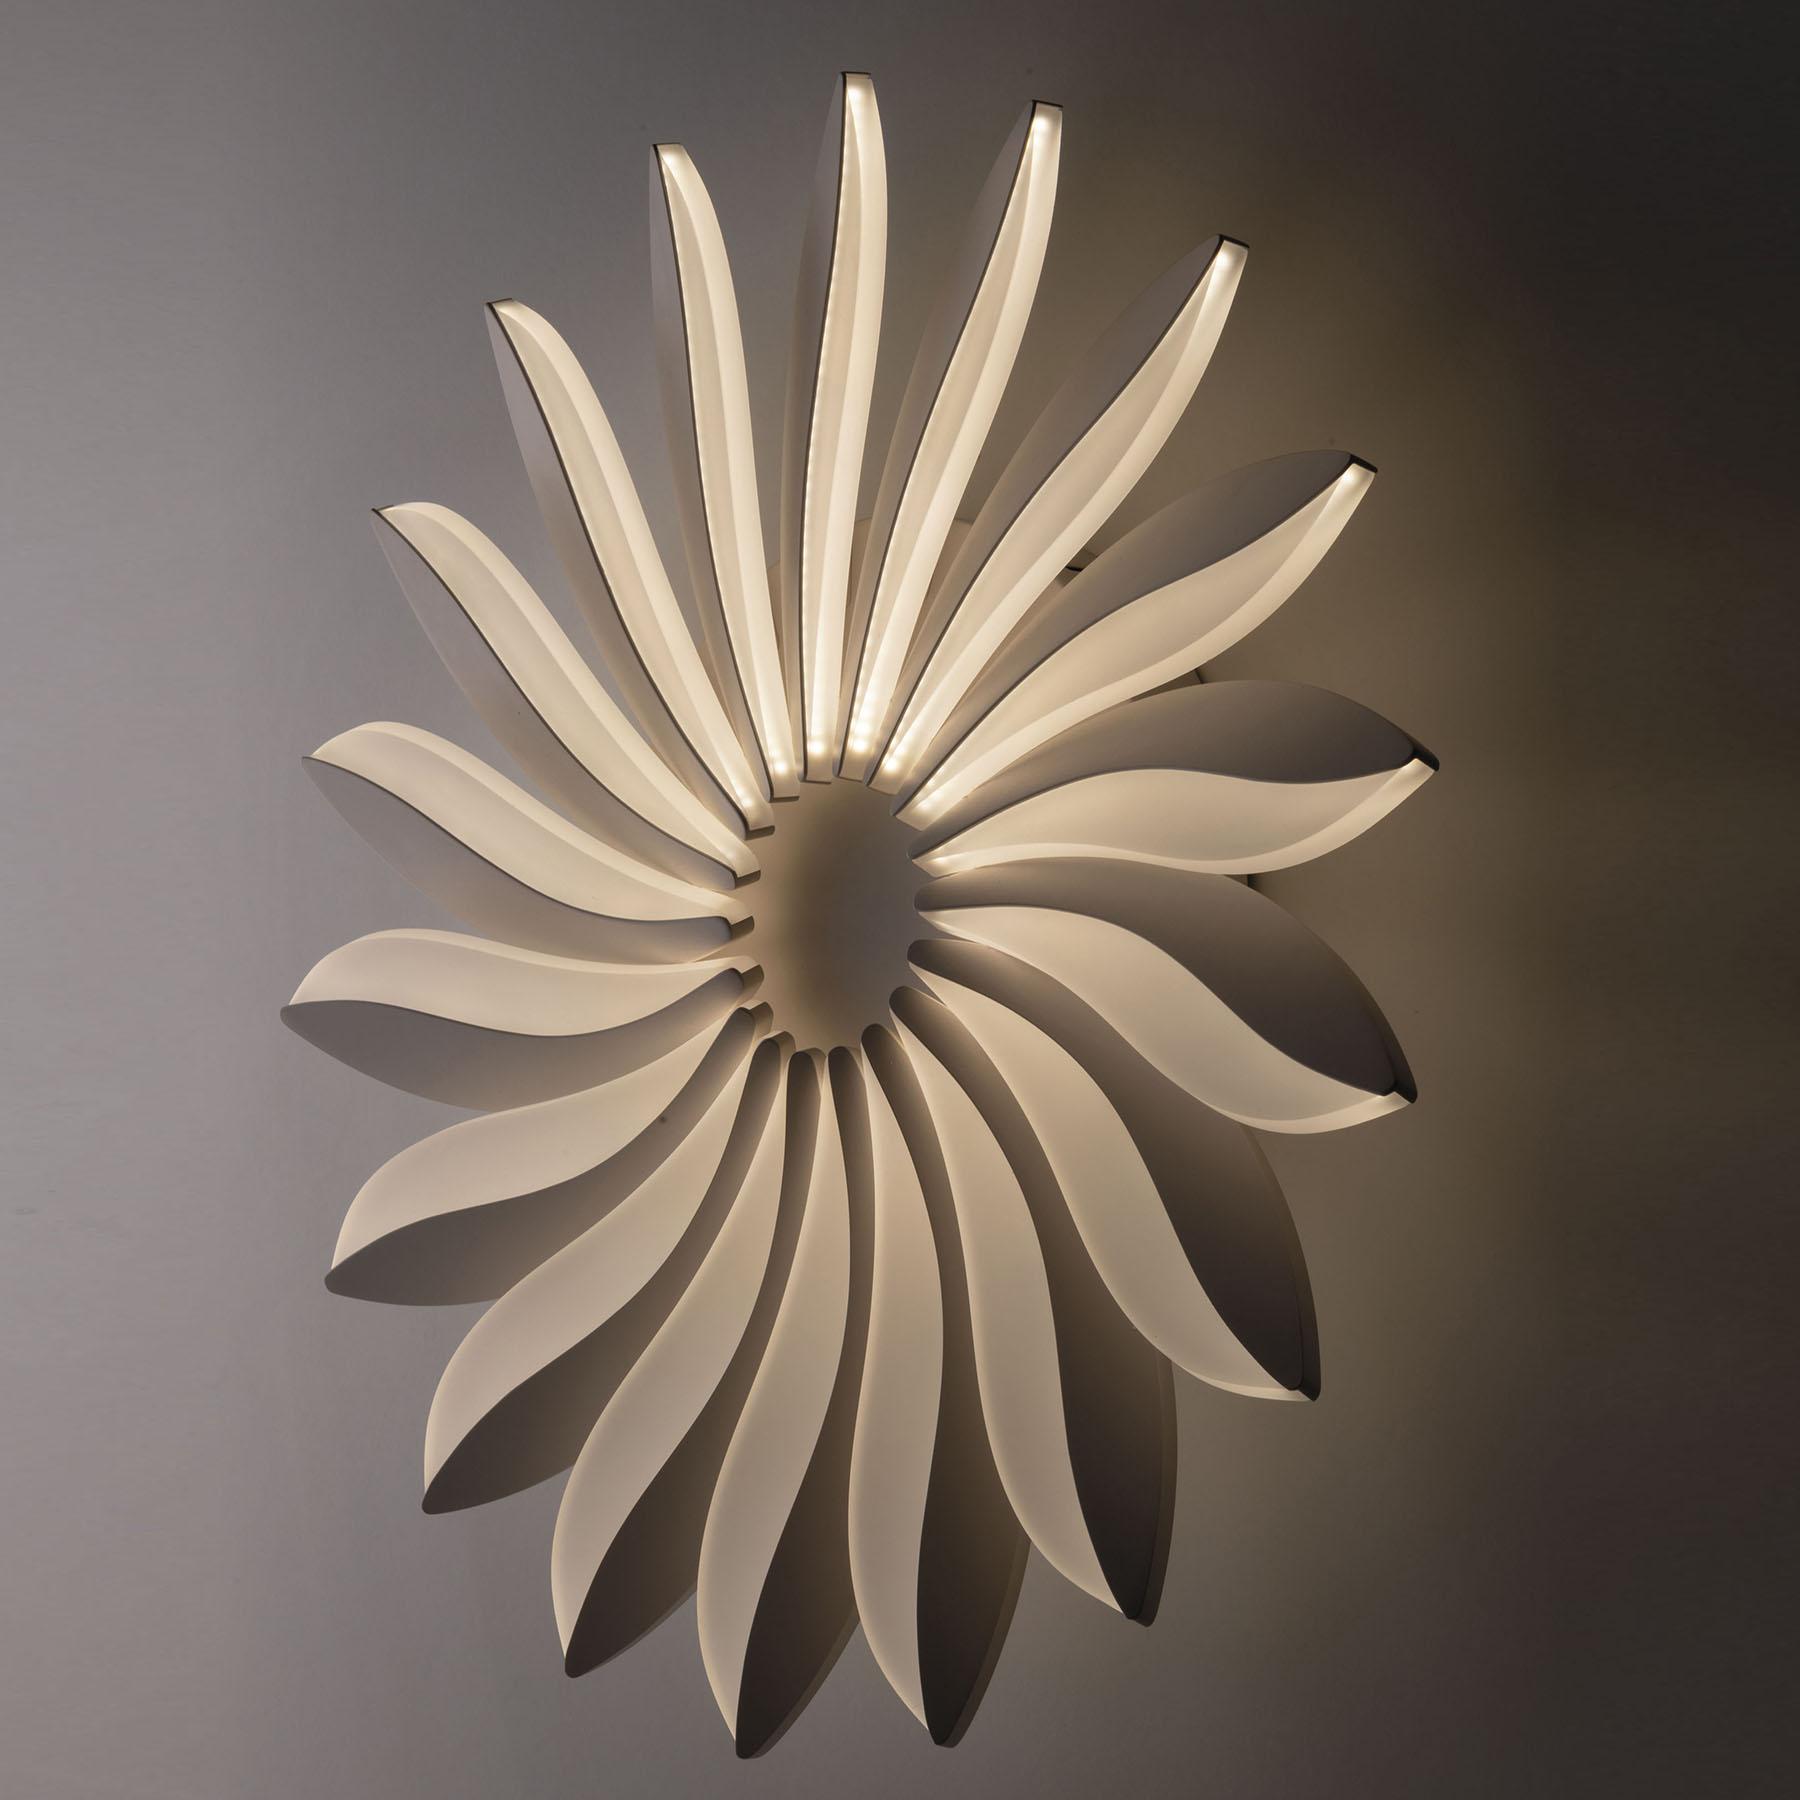 LED wandlamp Sunrise, dimbaar, Ø 61,5 cm